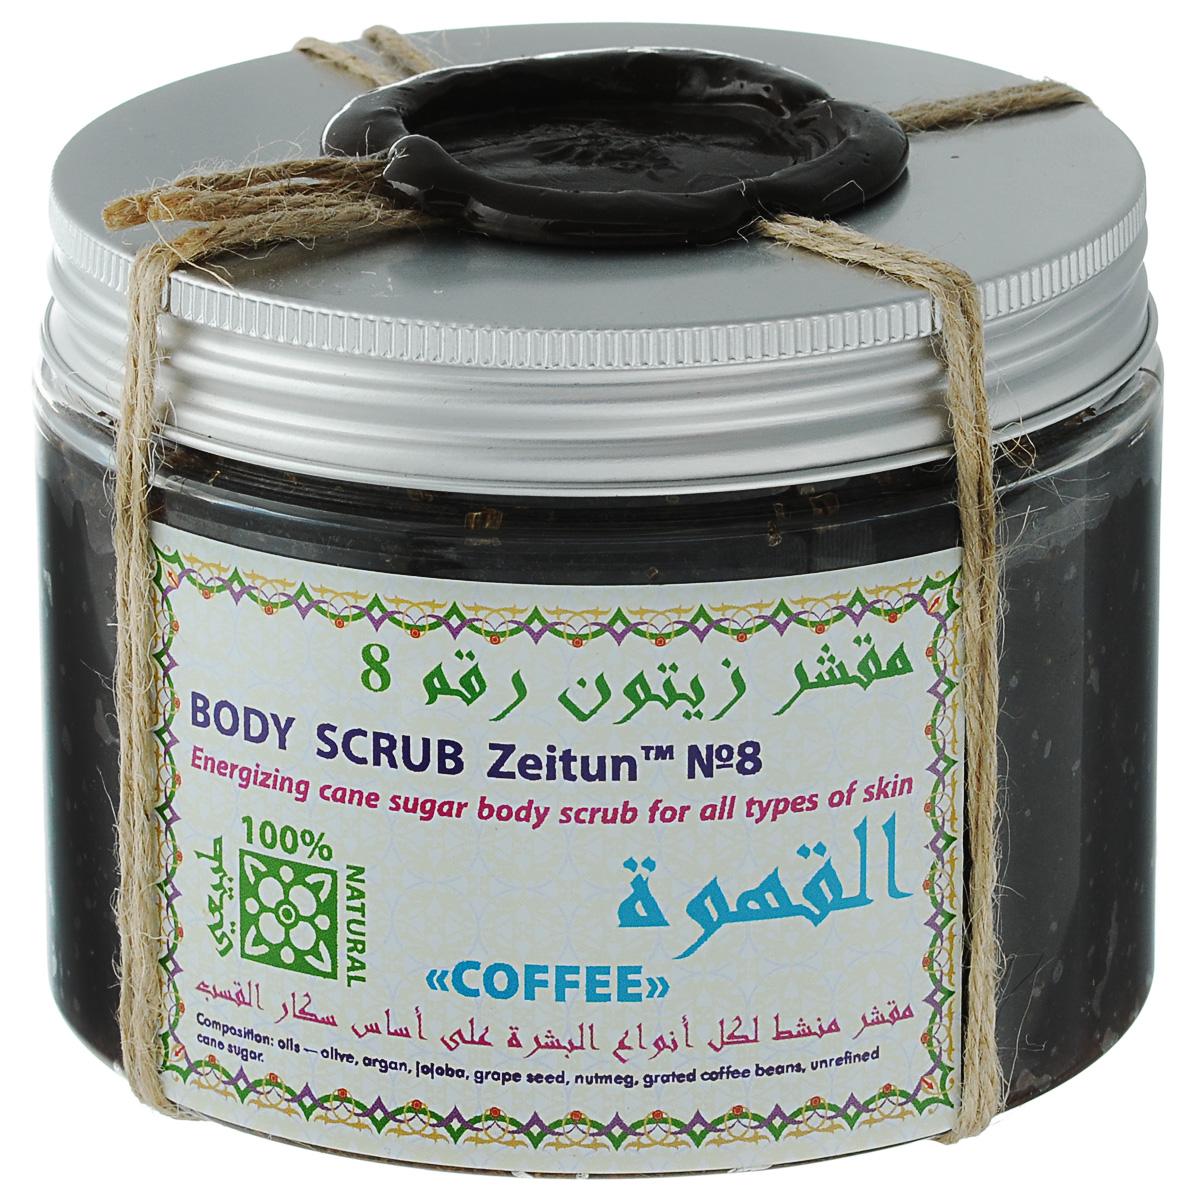 Зейтун Скраб для тела №8 сахарный Кофе, 500 млFS-00103Мягко снимает слой отмерших клеток, выравнивает и тонизирует кожу, улучшает её текстуру и цвет. Масла легко впитываются в кожу, увлажняют, смягчают и насыщают её витаминами. Скраб оказывает ощутимое бодрящее и тонизирующее воздействие. Питает, увлажняет, оставляет восхитительный кофейный аромат.